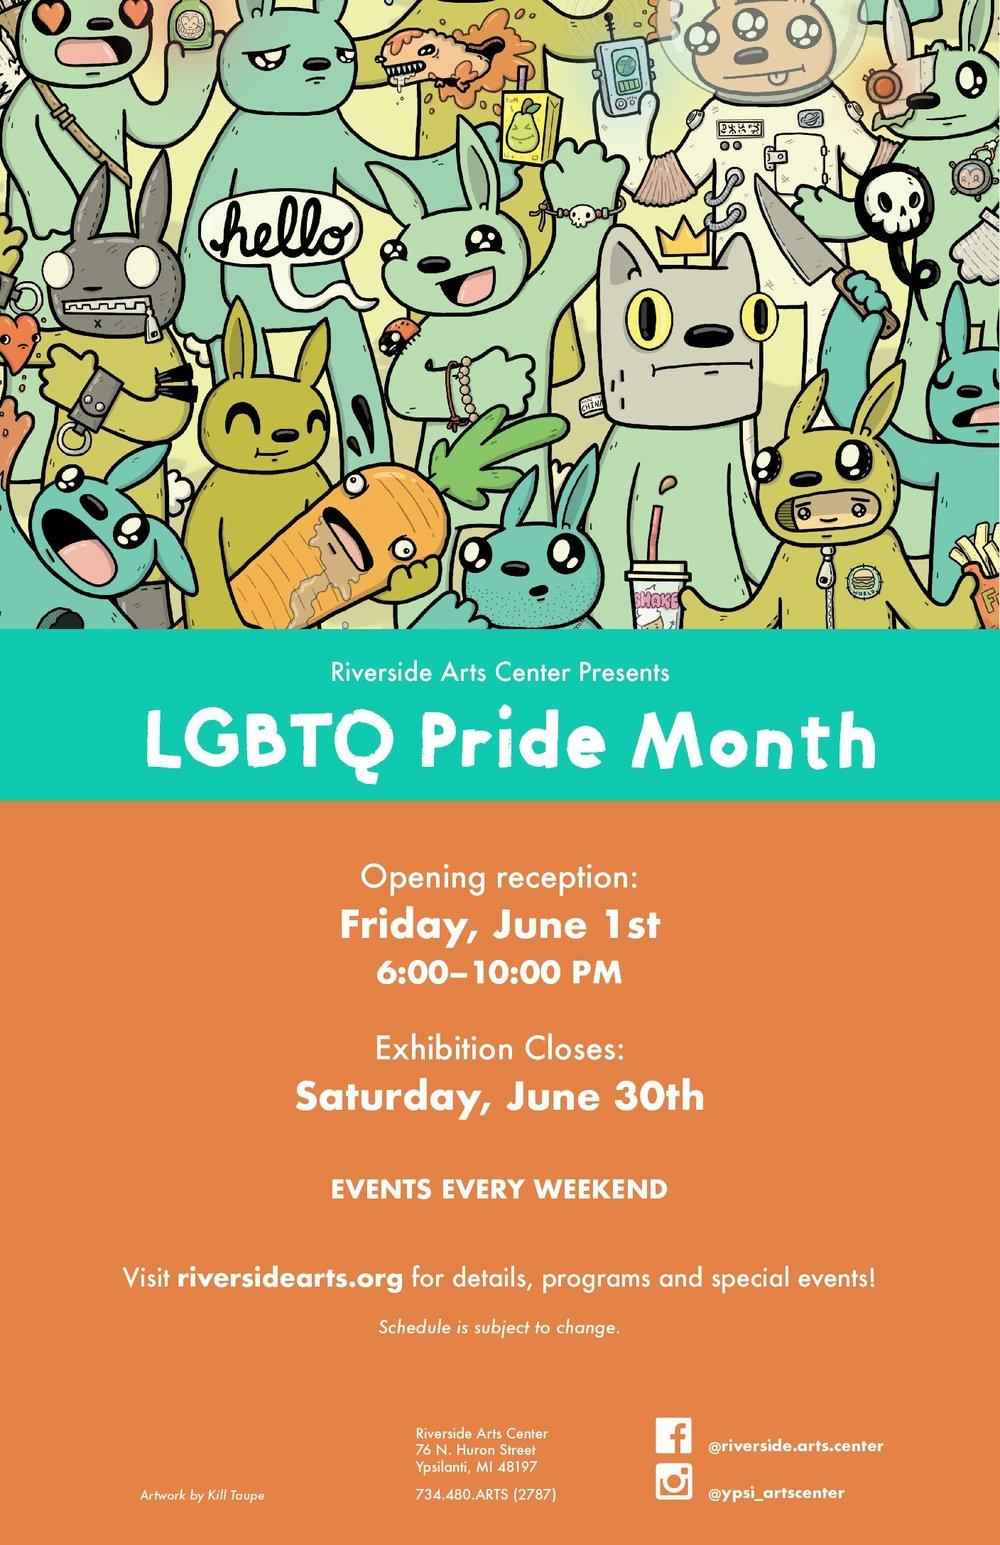 LGBTQ-2-pdf.jpg